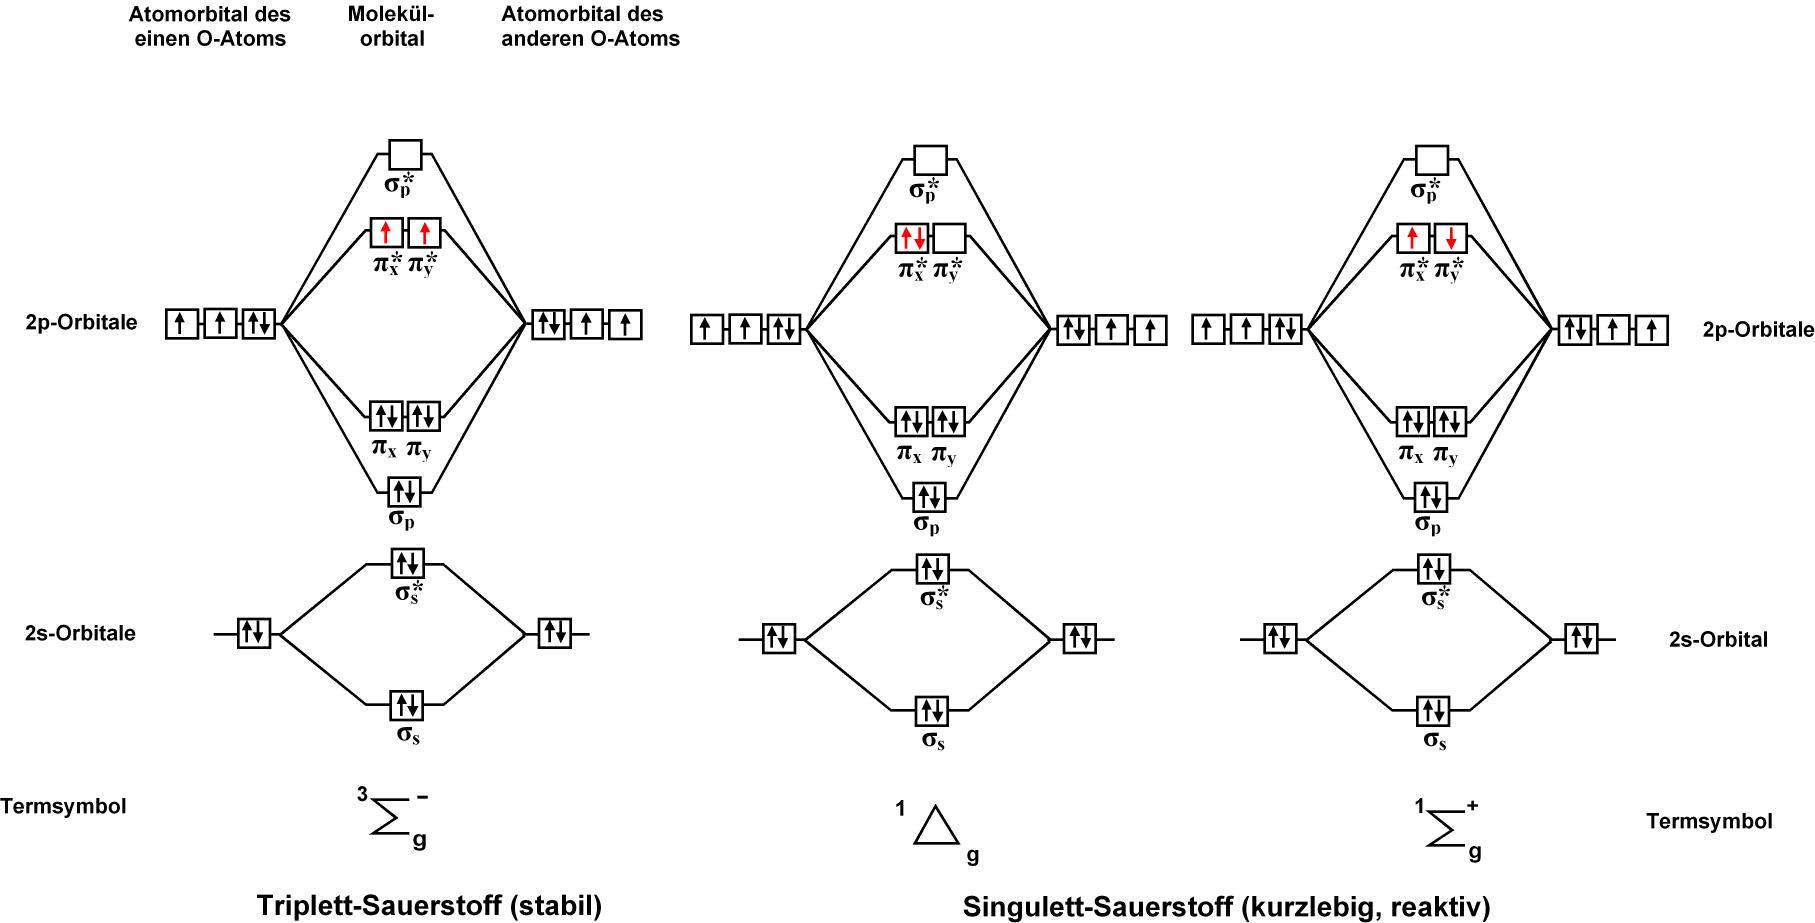 Warum Ist O2 Reaktiver Als N2